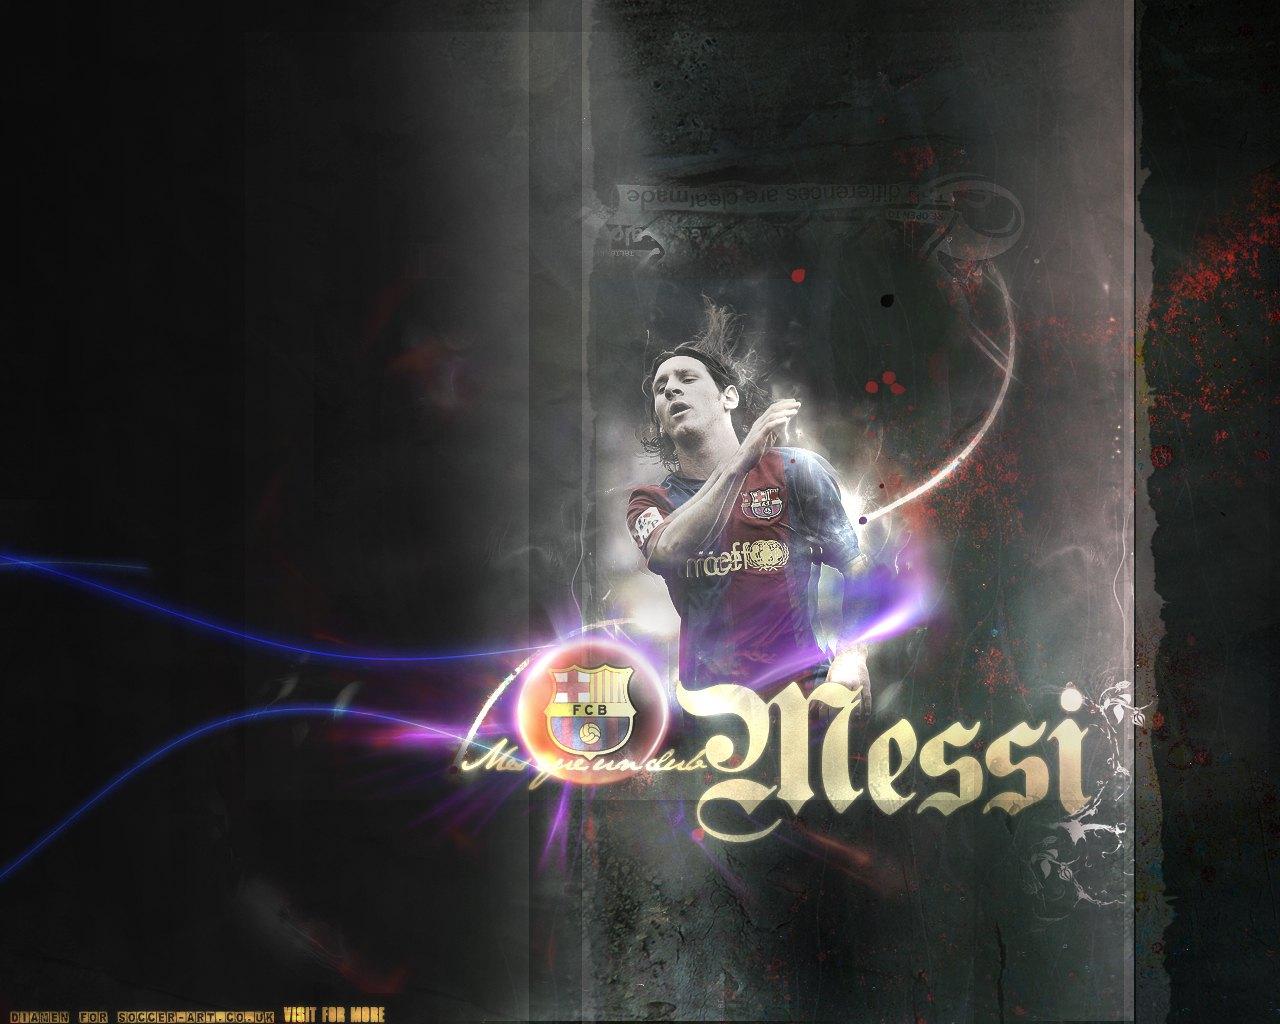 http://2.bp.blogspot.com/-qfJk9axNuXc/TnWSp8nkplI/AAAAAAAAIAY/dhl_7slBbBQ/s1600/Footballer+Messi+Barcelona4.jpg